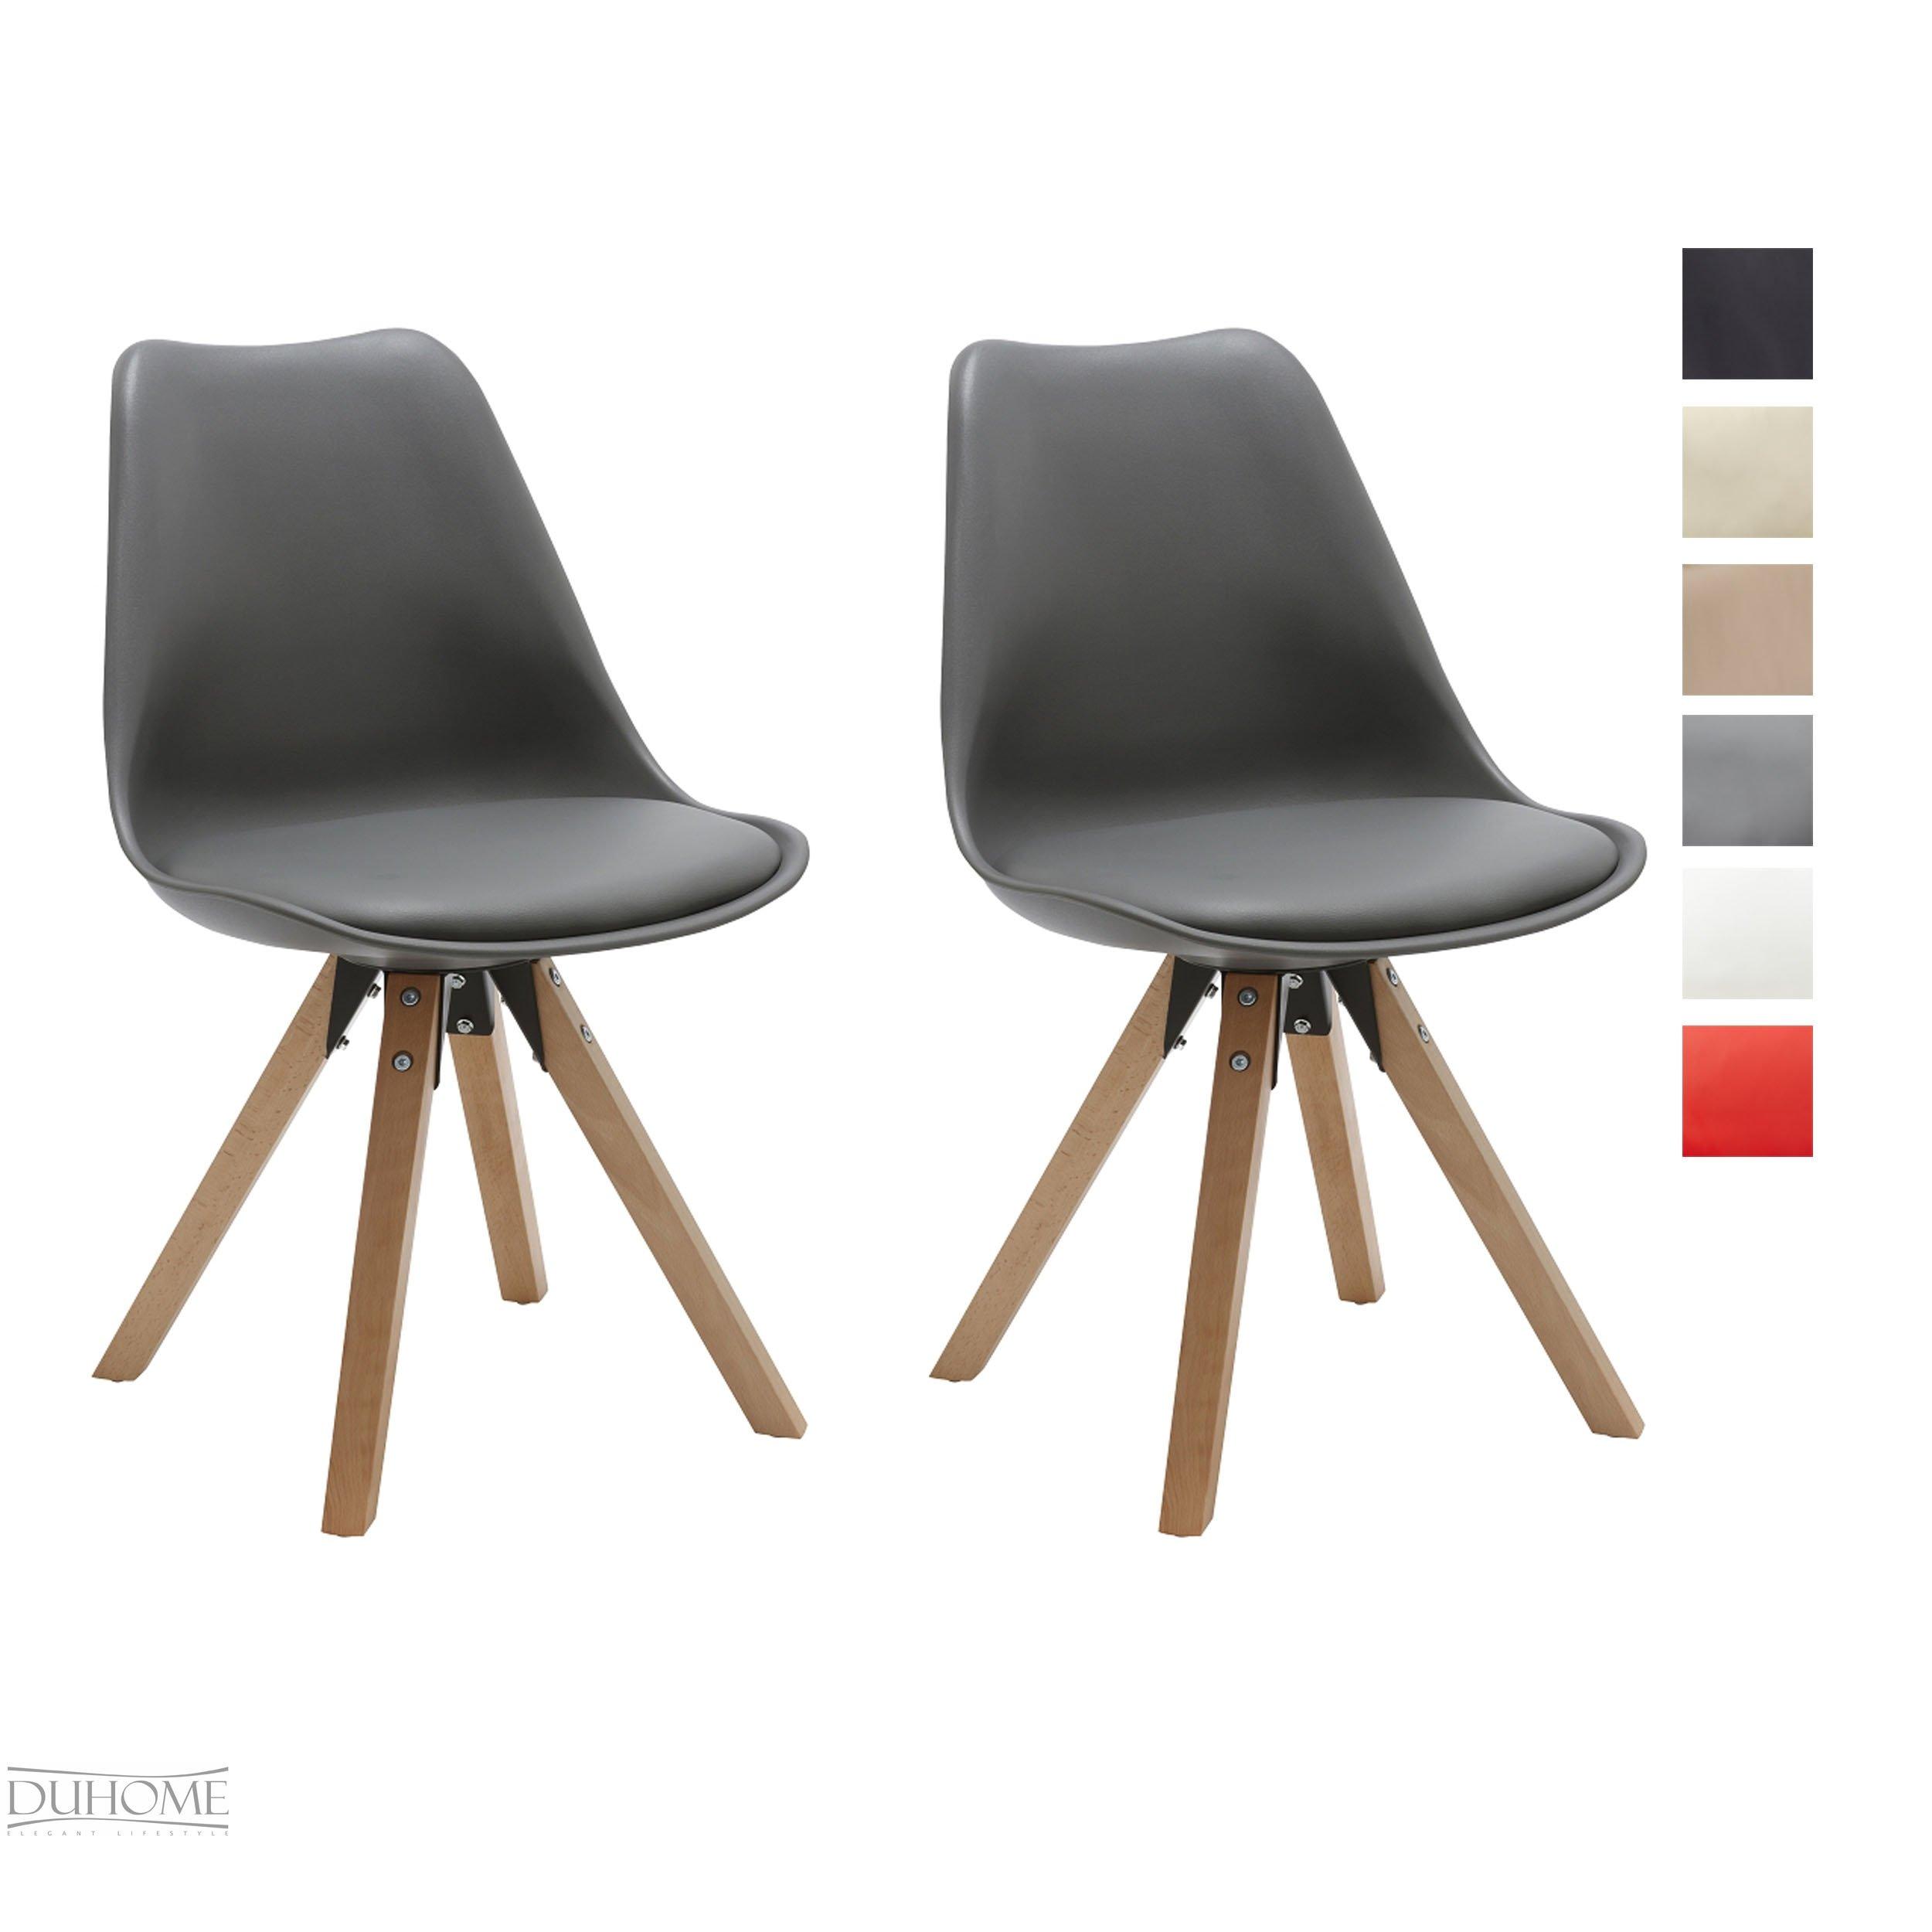 Elegant Esszimmerstühle Leder Beste Wahl Duhome Elegant Lifestyle Stuhl Esszimmerstühle Küchenstühle !2